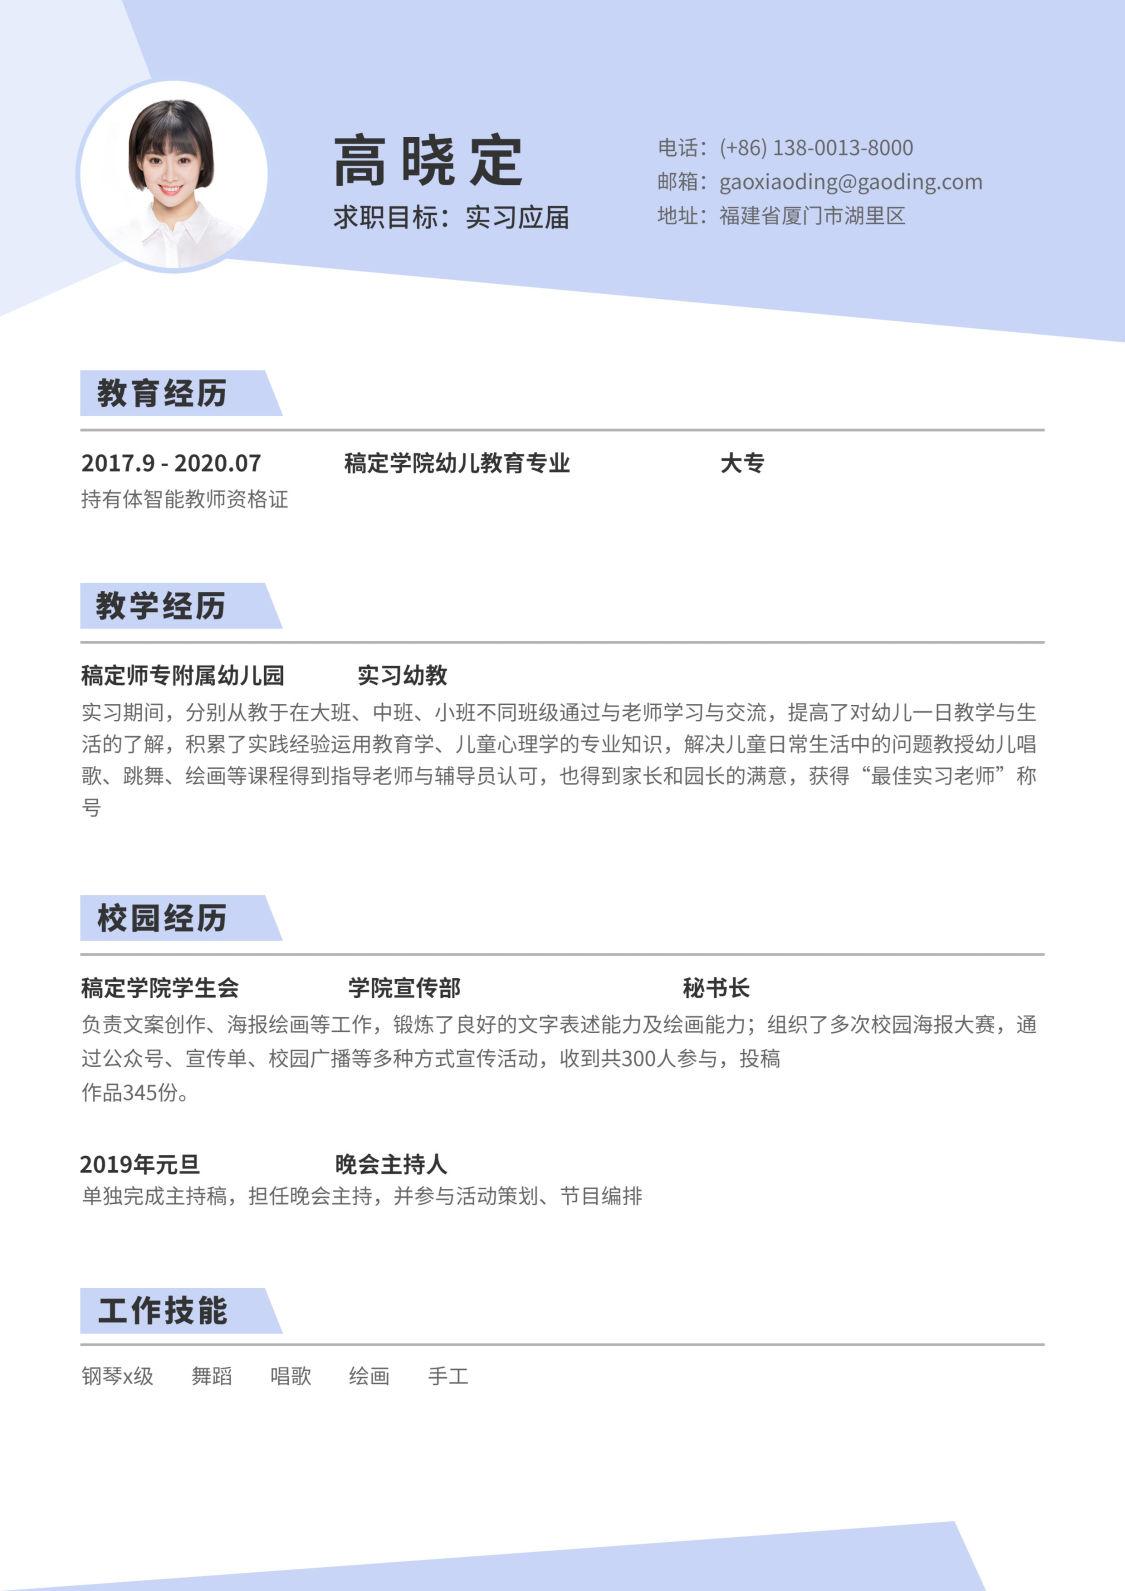 蓝紫扁平幼师简历(实习应届)